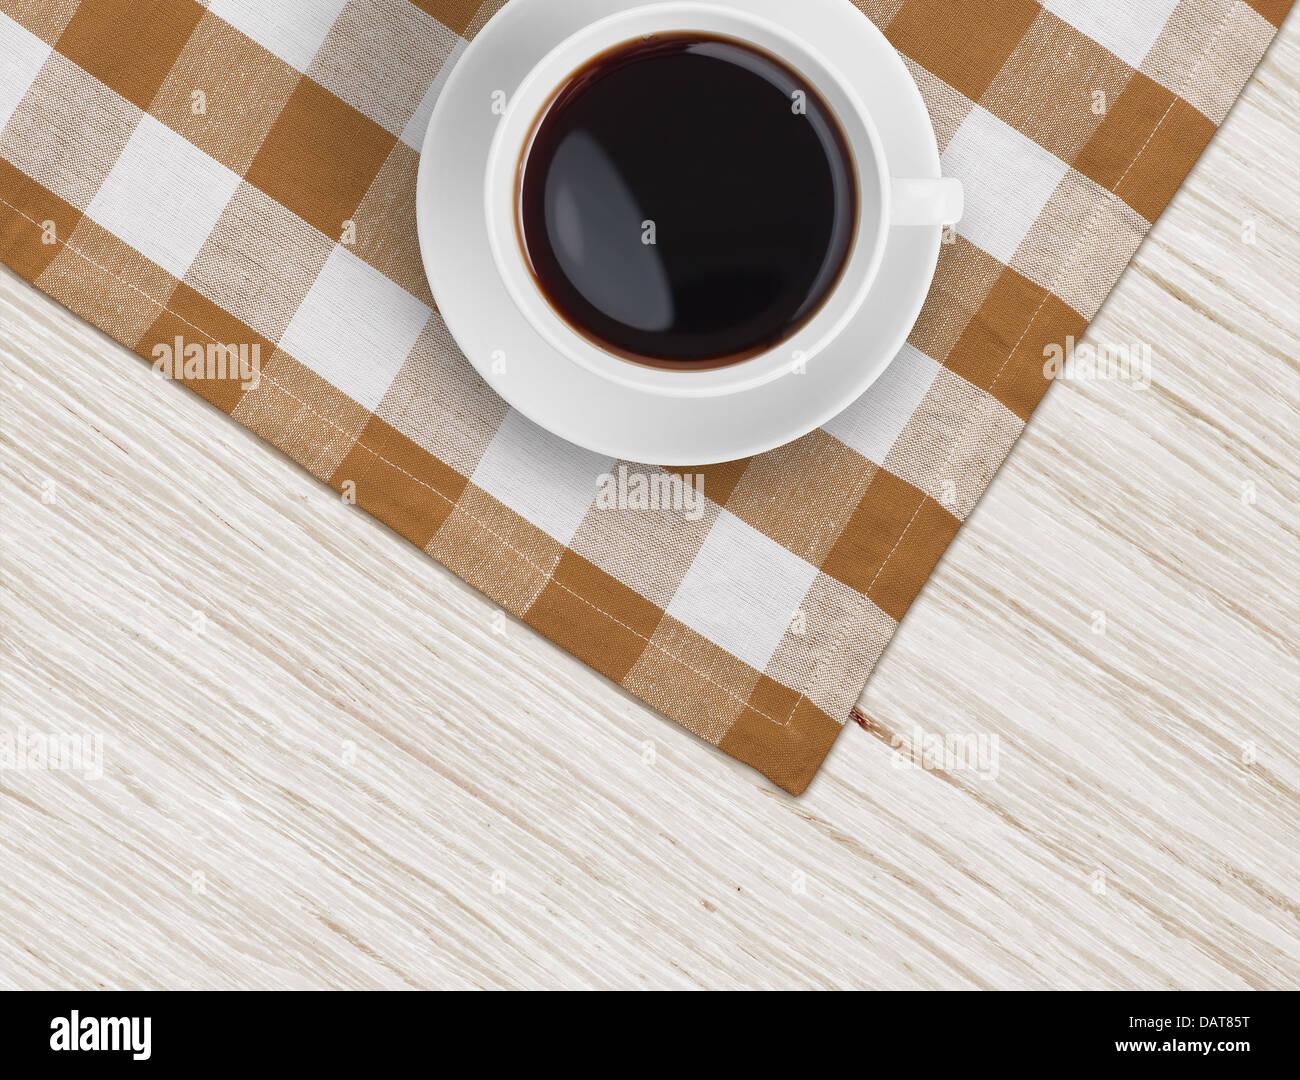 Kaffee Tasse Draufsicht auf Tischdecke über Holztisch Stockbild